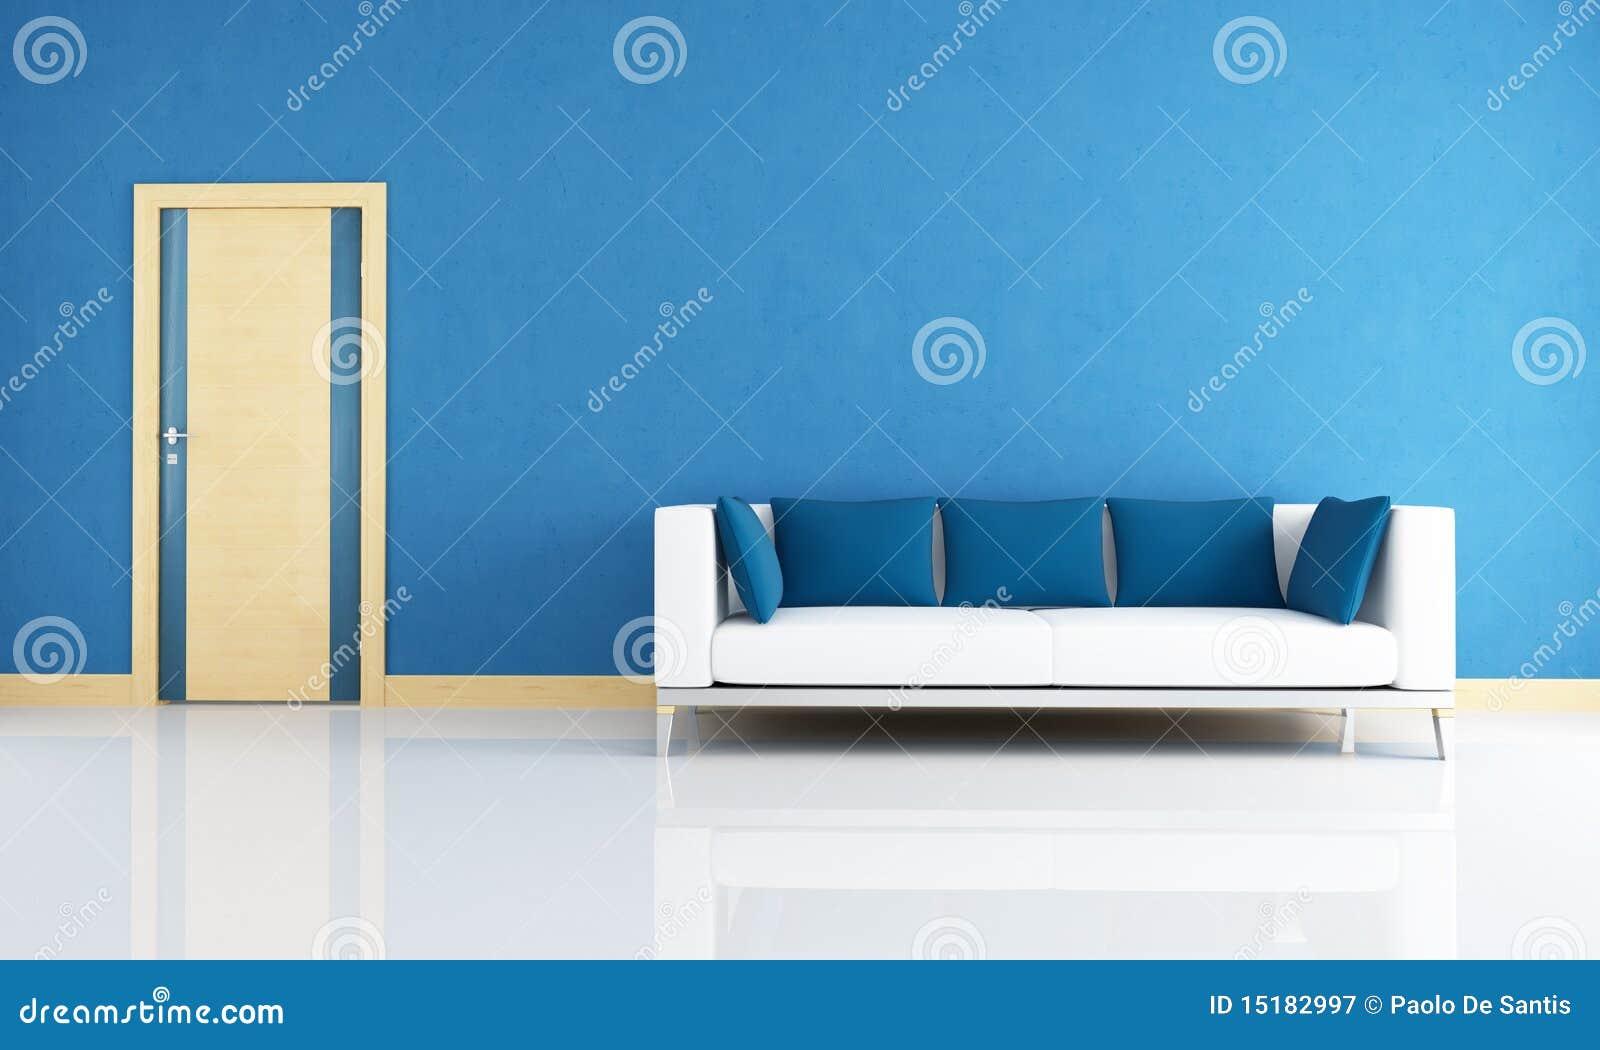 Blue interior with wooden door